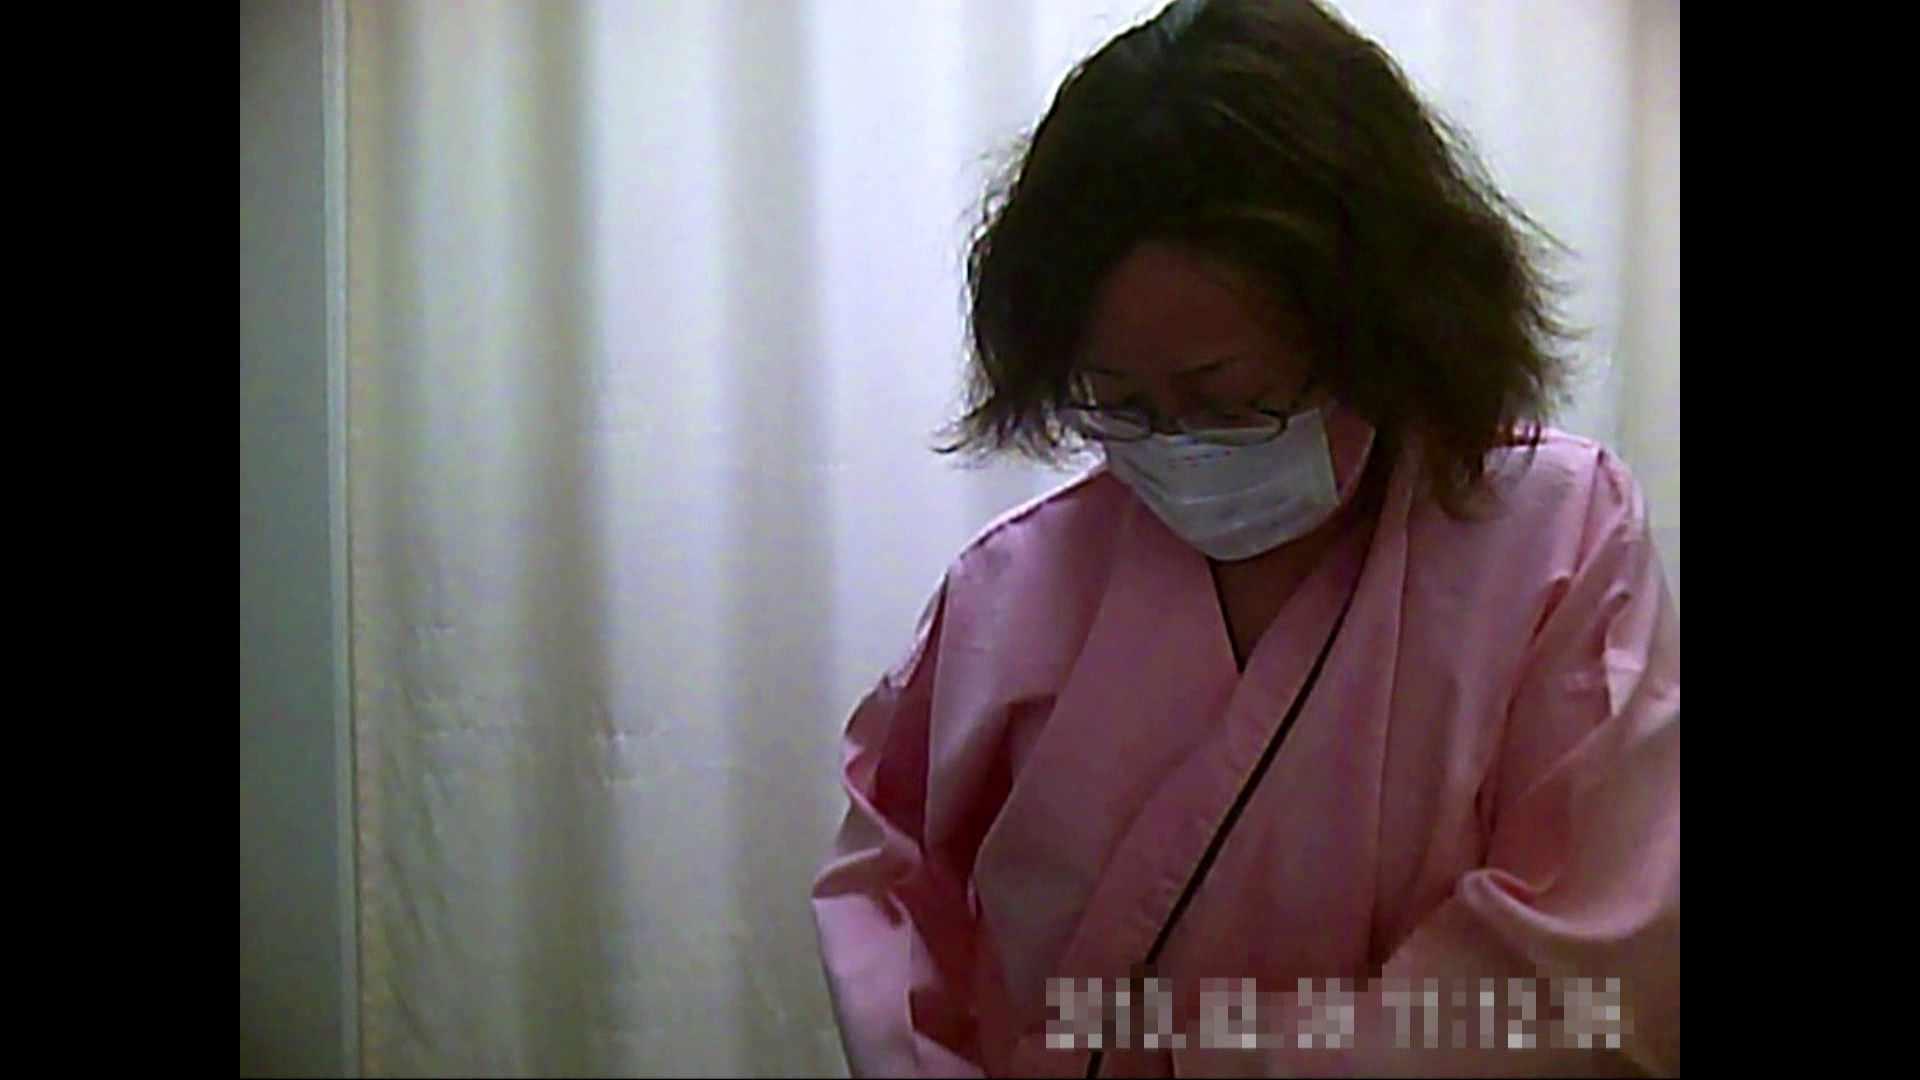 病院おもいっきり着替え! vol.150 エロティックなOL セックス画像 106画像 10